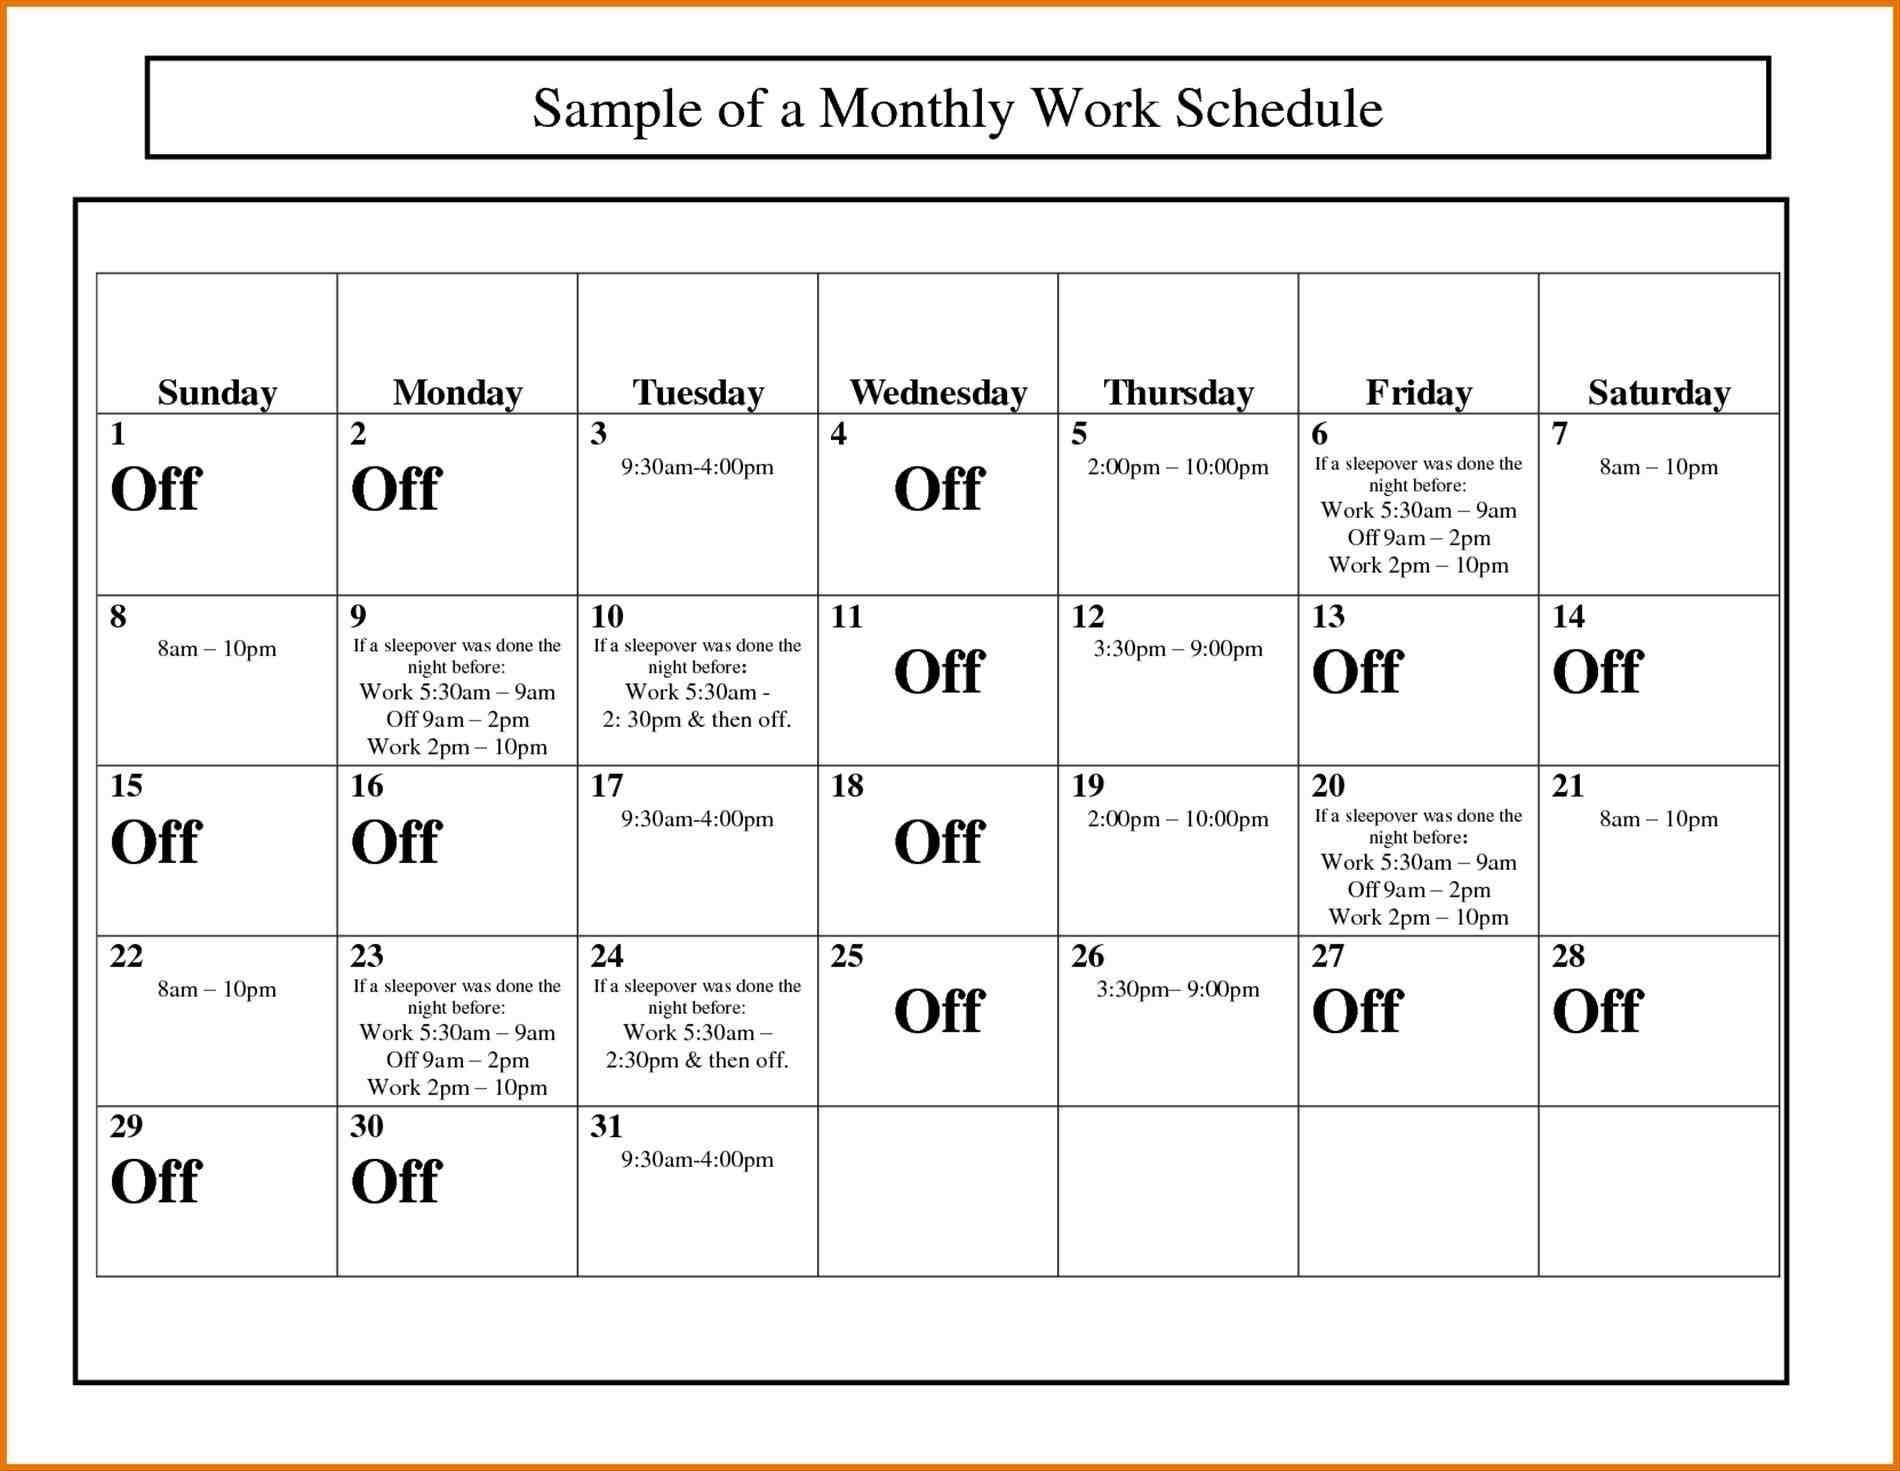 xlsx free excel Employee Work Calendars calendar uk printable templates xlsx free work schedules weekly employee schedule free Employee Work